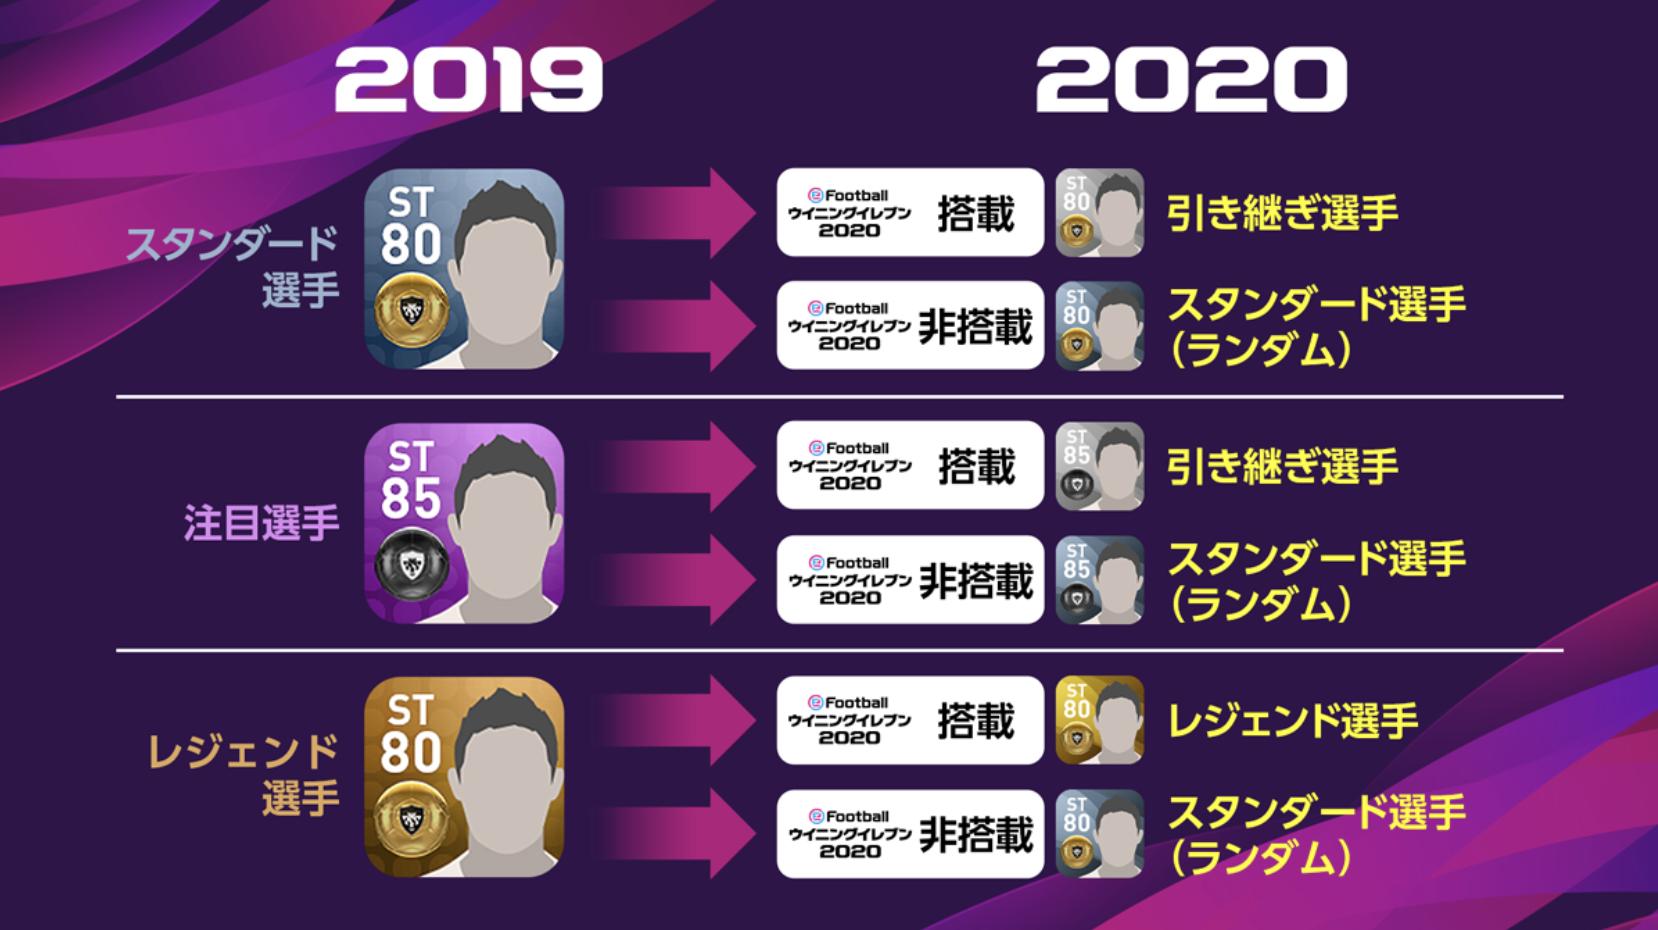 アプリ レジェンド 2020 ウイイレ